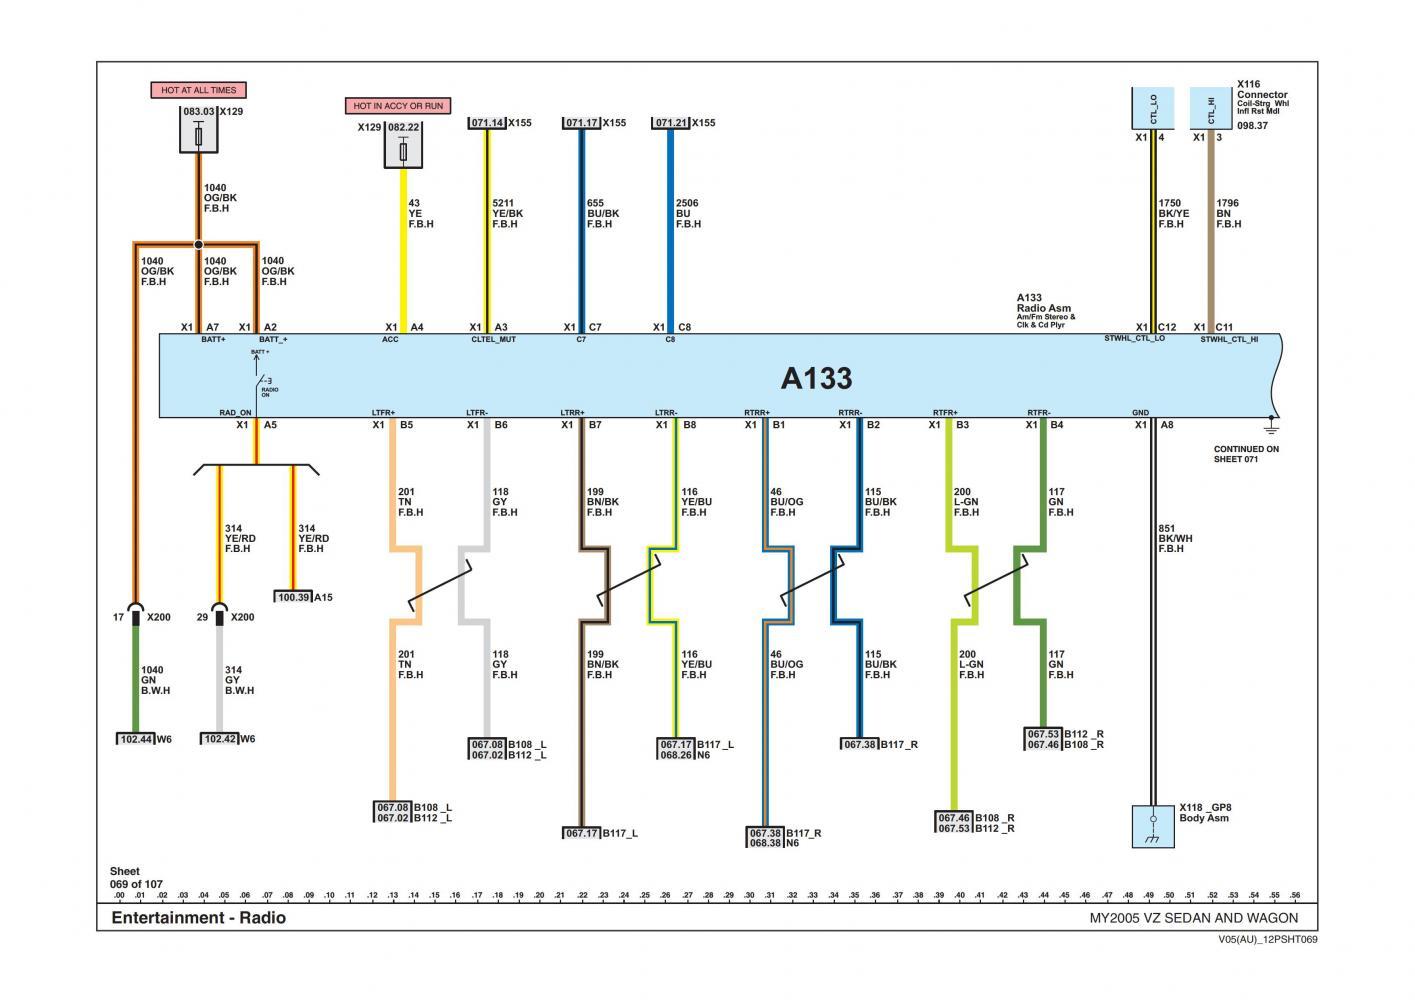 Infiniti J30 Radio Wiring Diagram - Wiring Diagram and ...